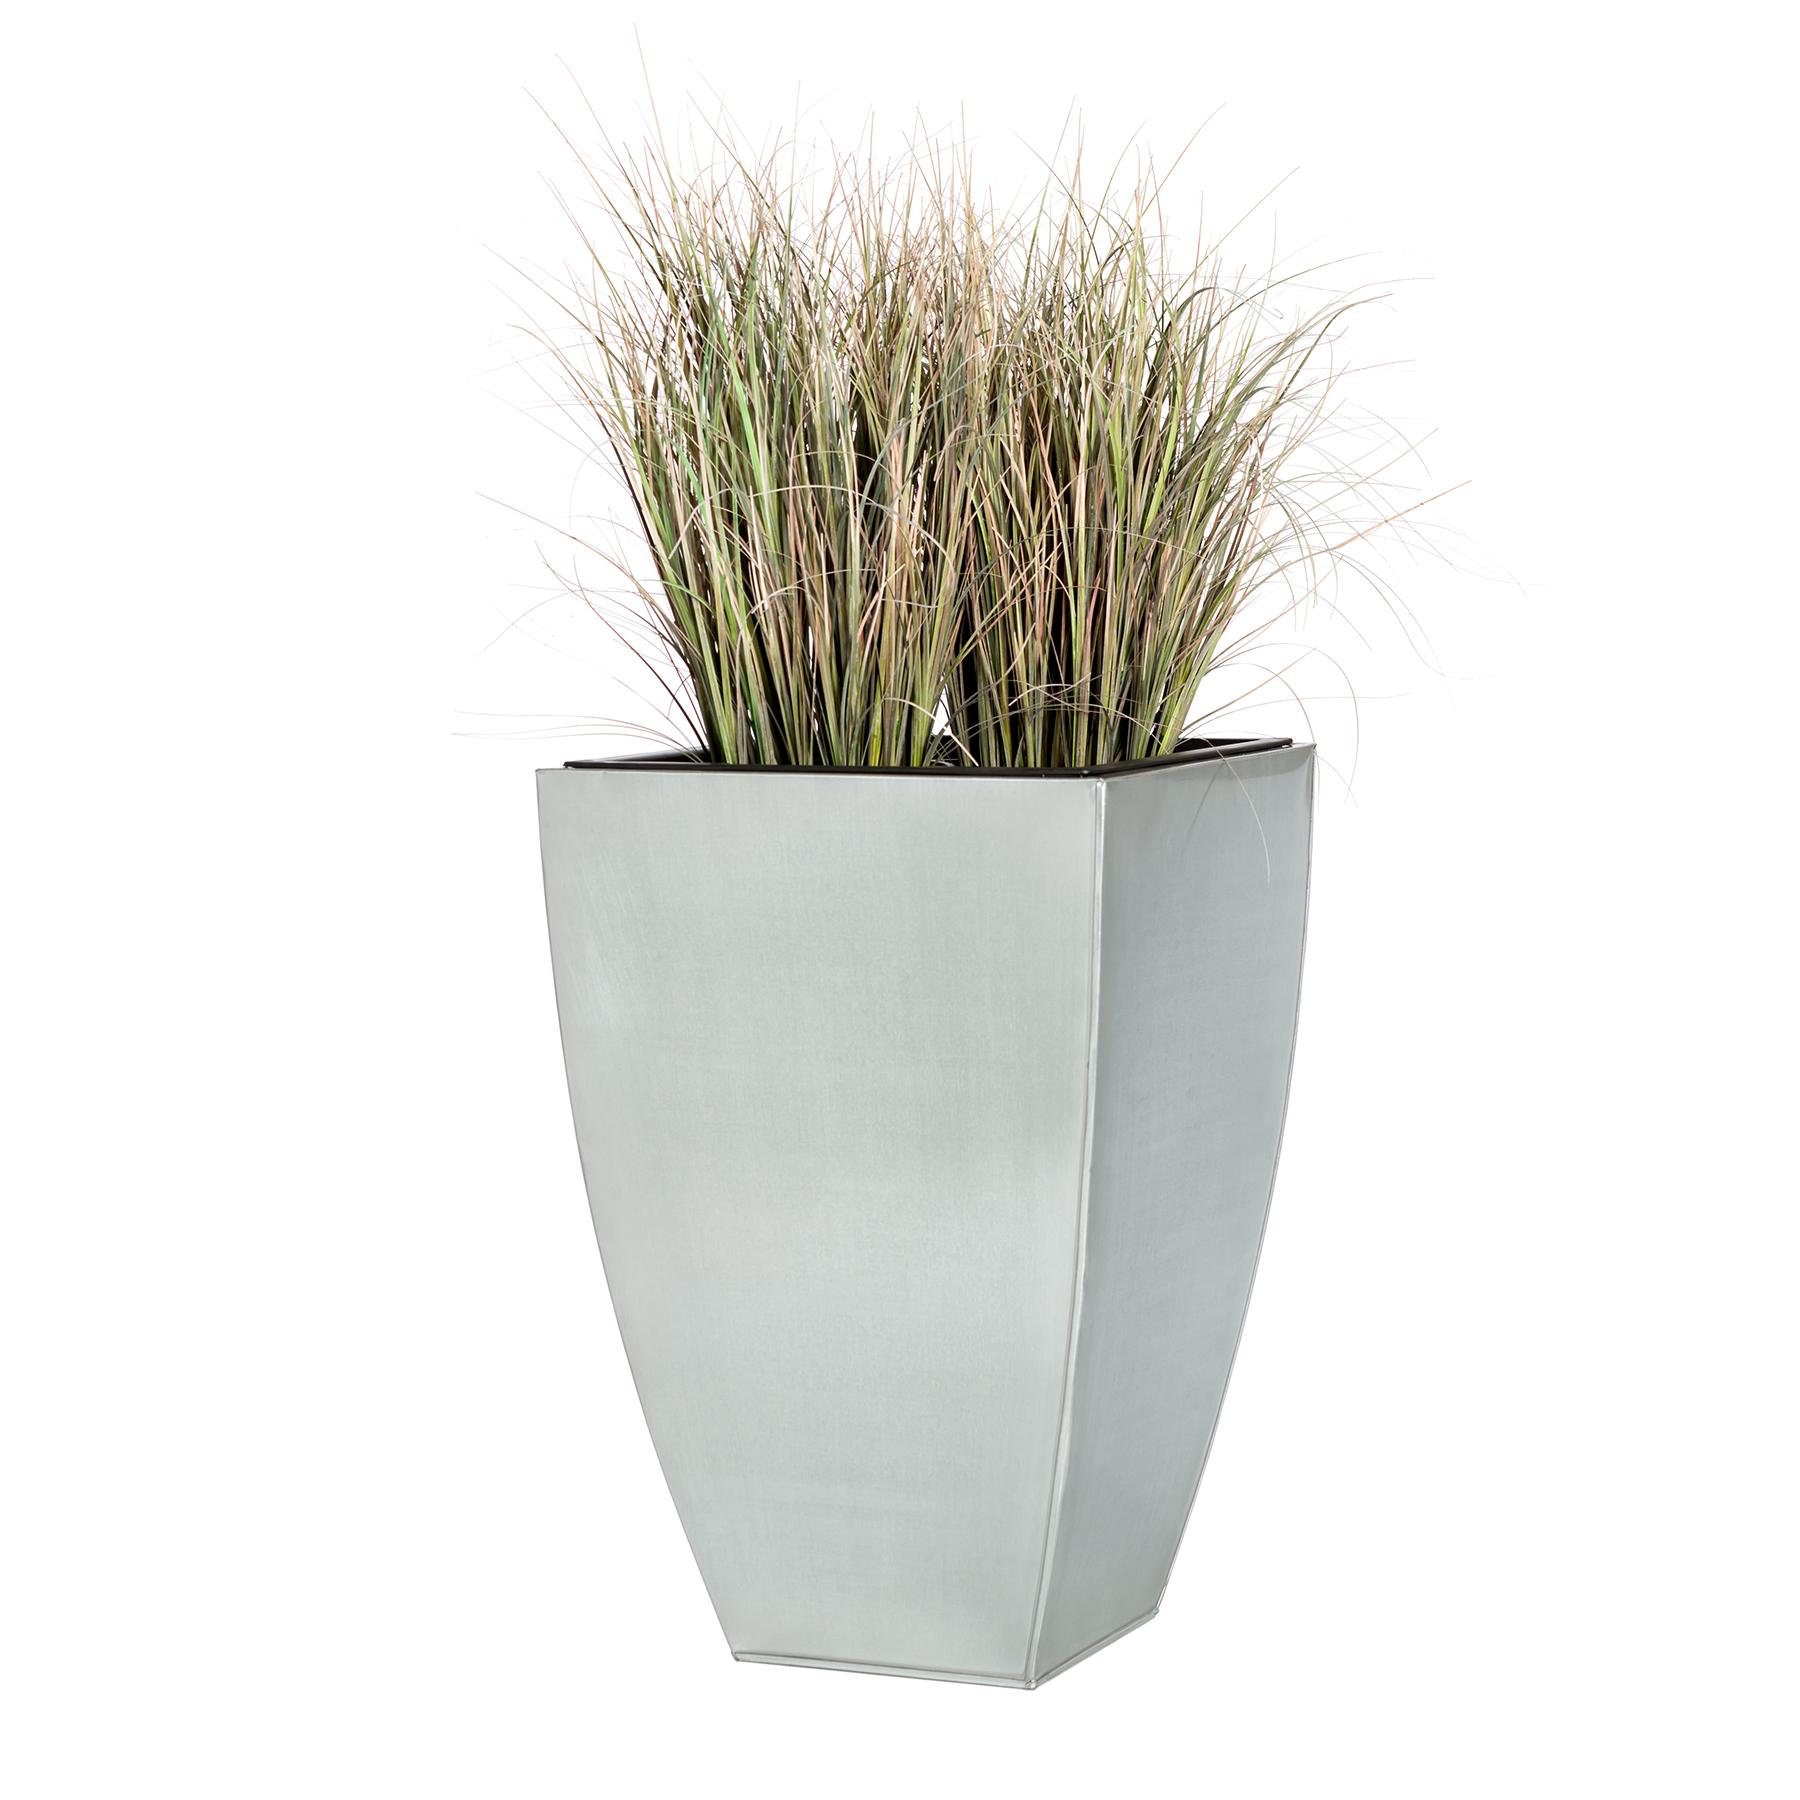 Casa Mina 5020110-2T Zink Blumenkübel Pflanzenkübel \